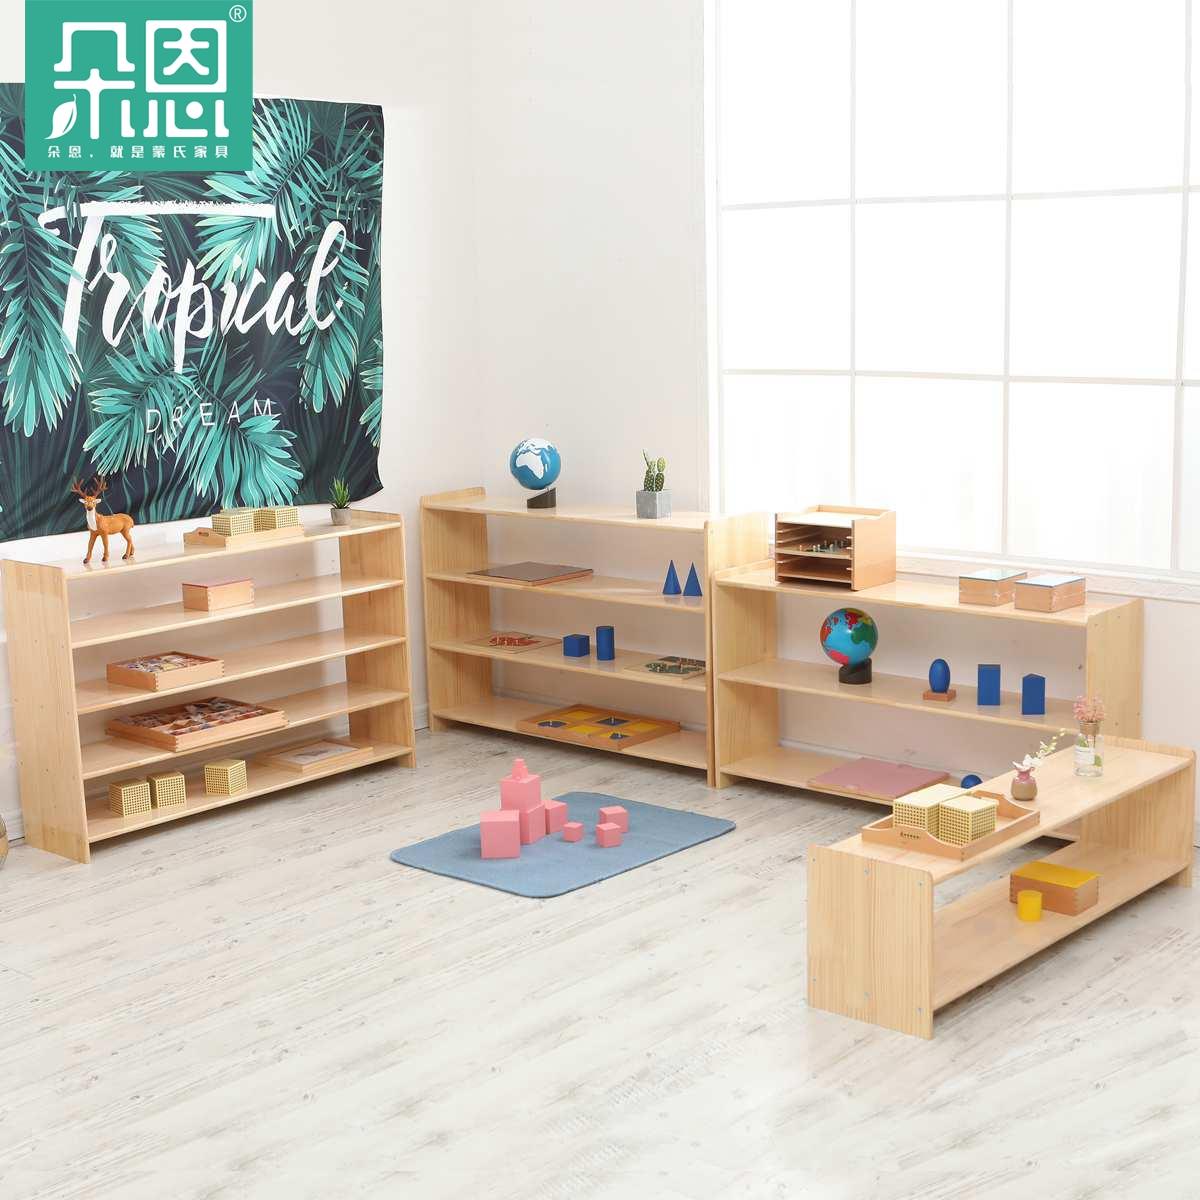 Стойки и полки для детских игрушек Артикул 529737898137